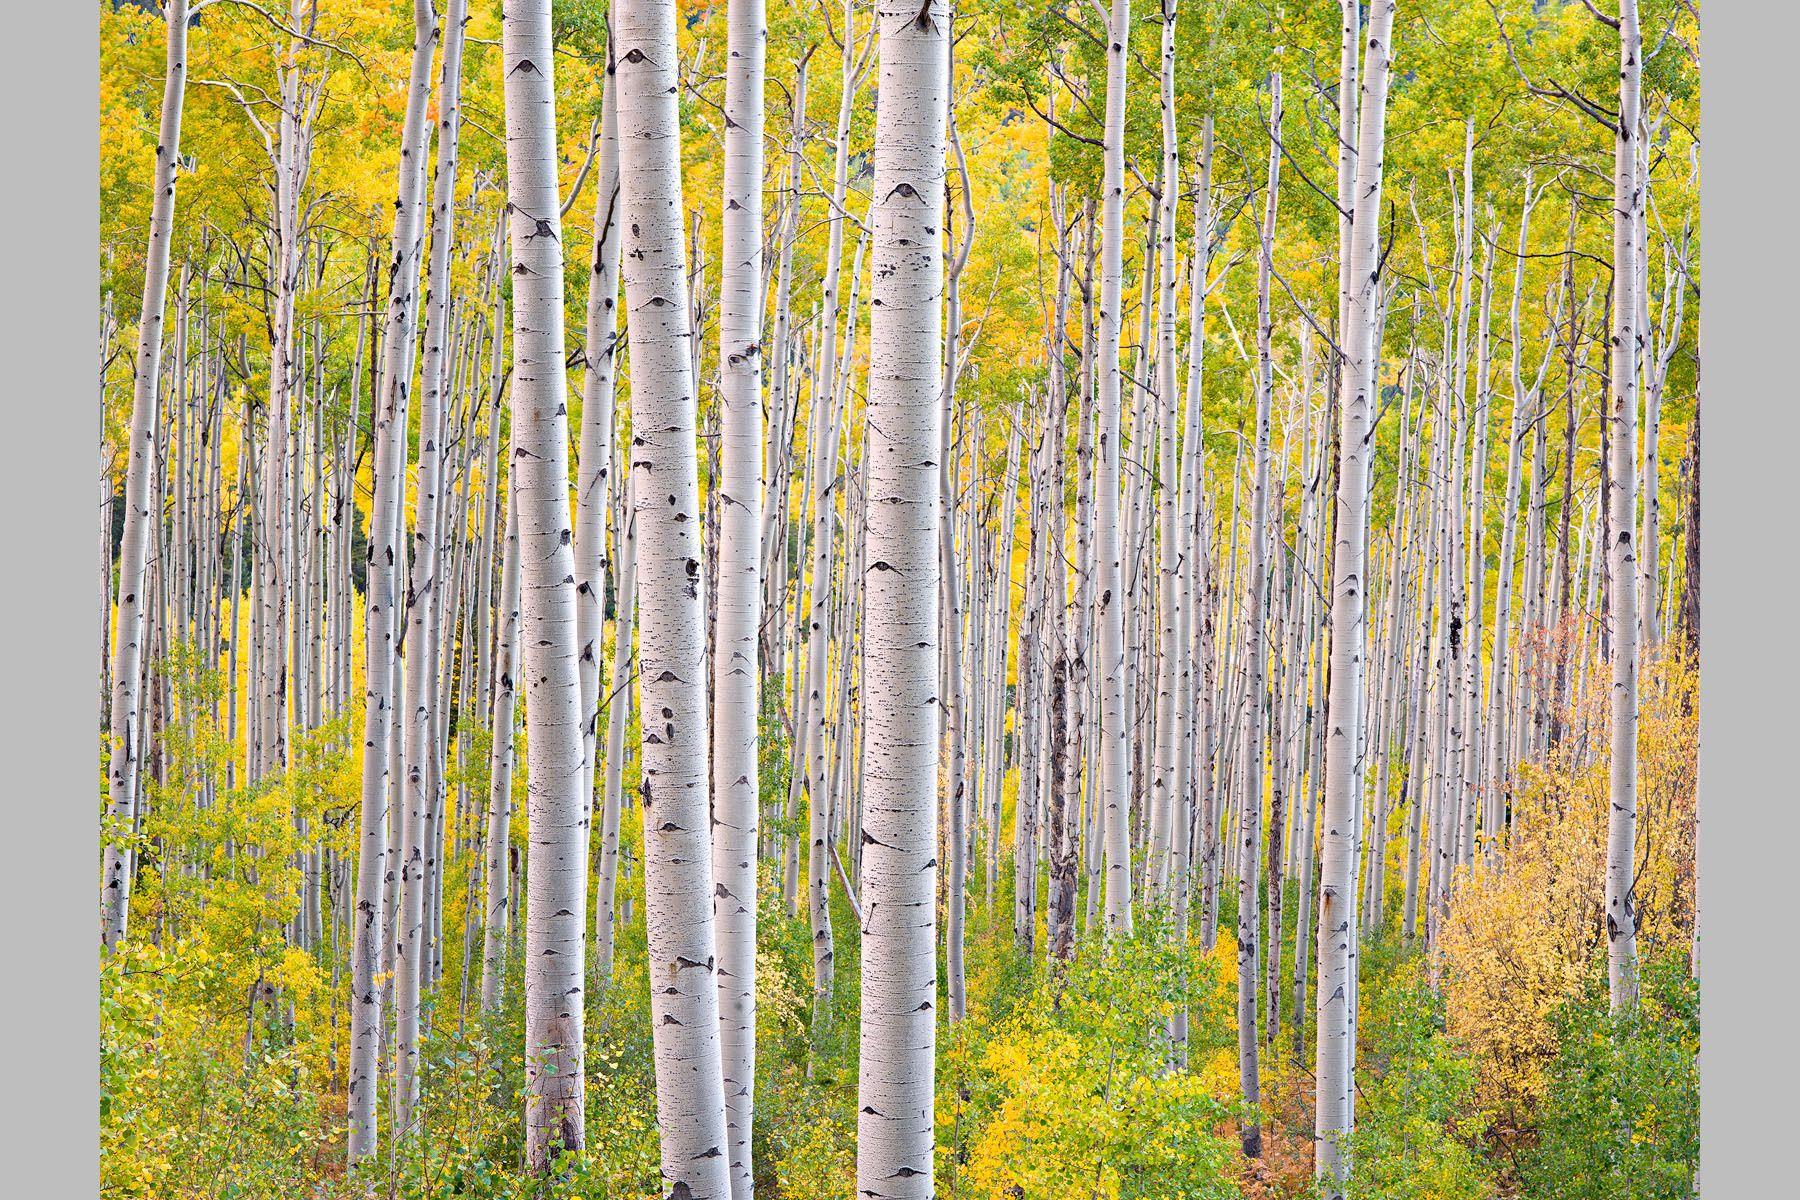 Steven Friedman Landscape Photography | Steven's Favourites - Steven Friedman Landscape Photography